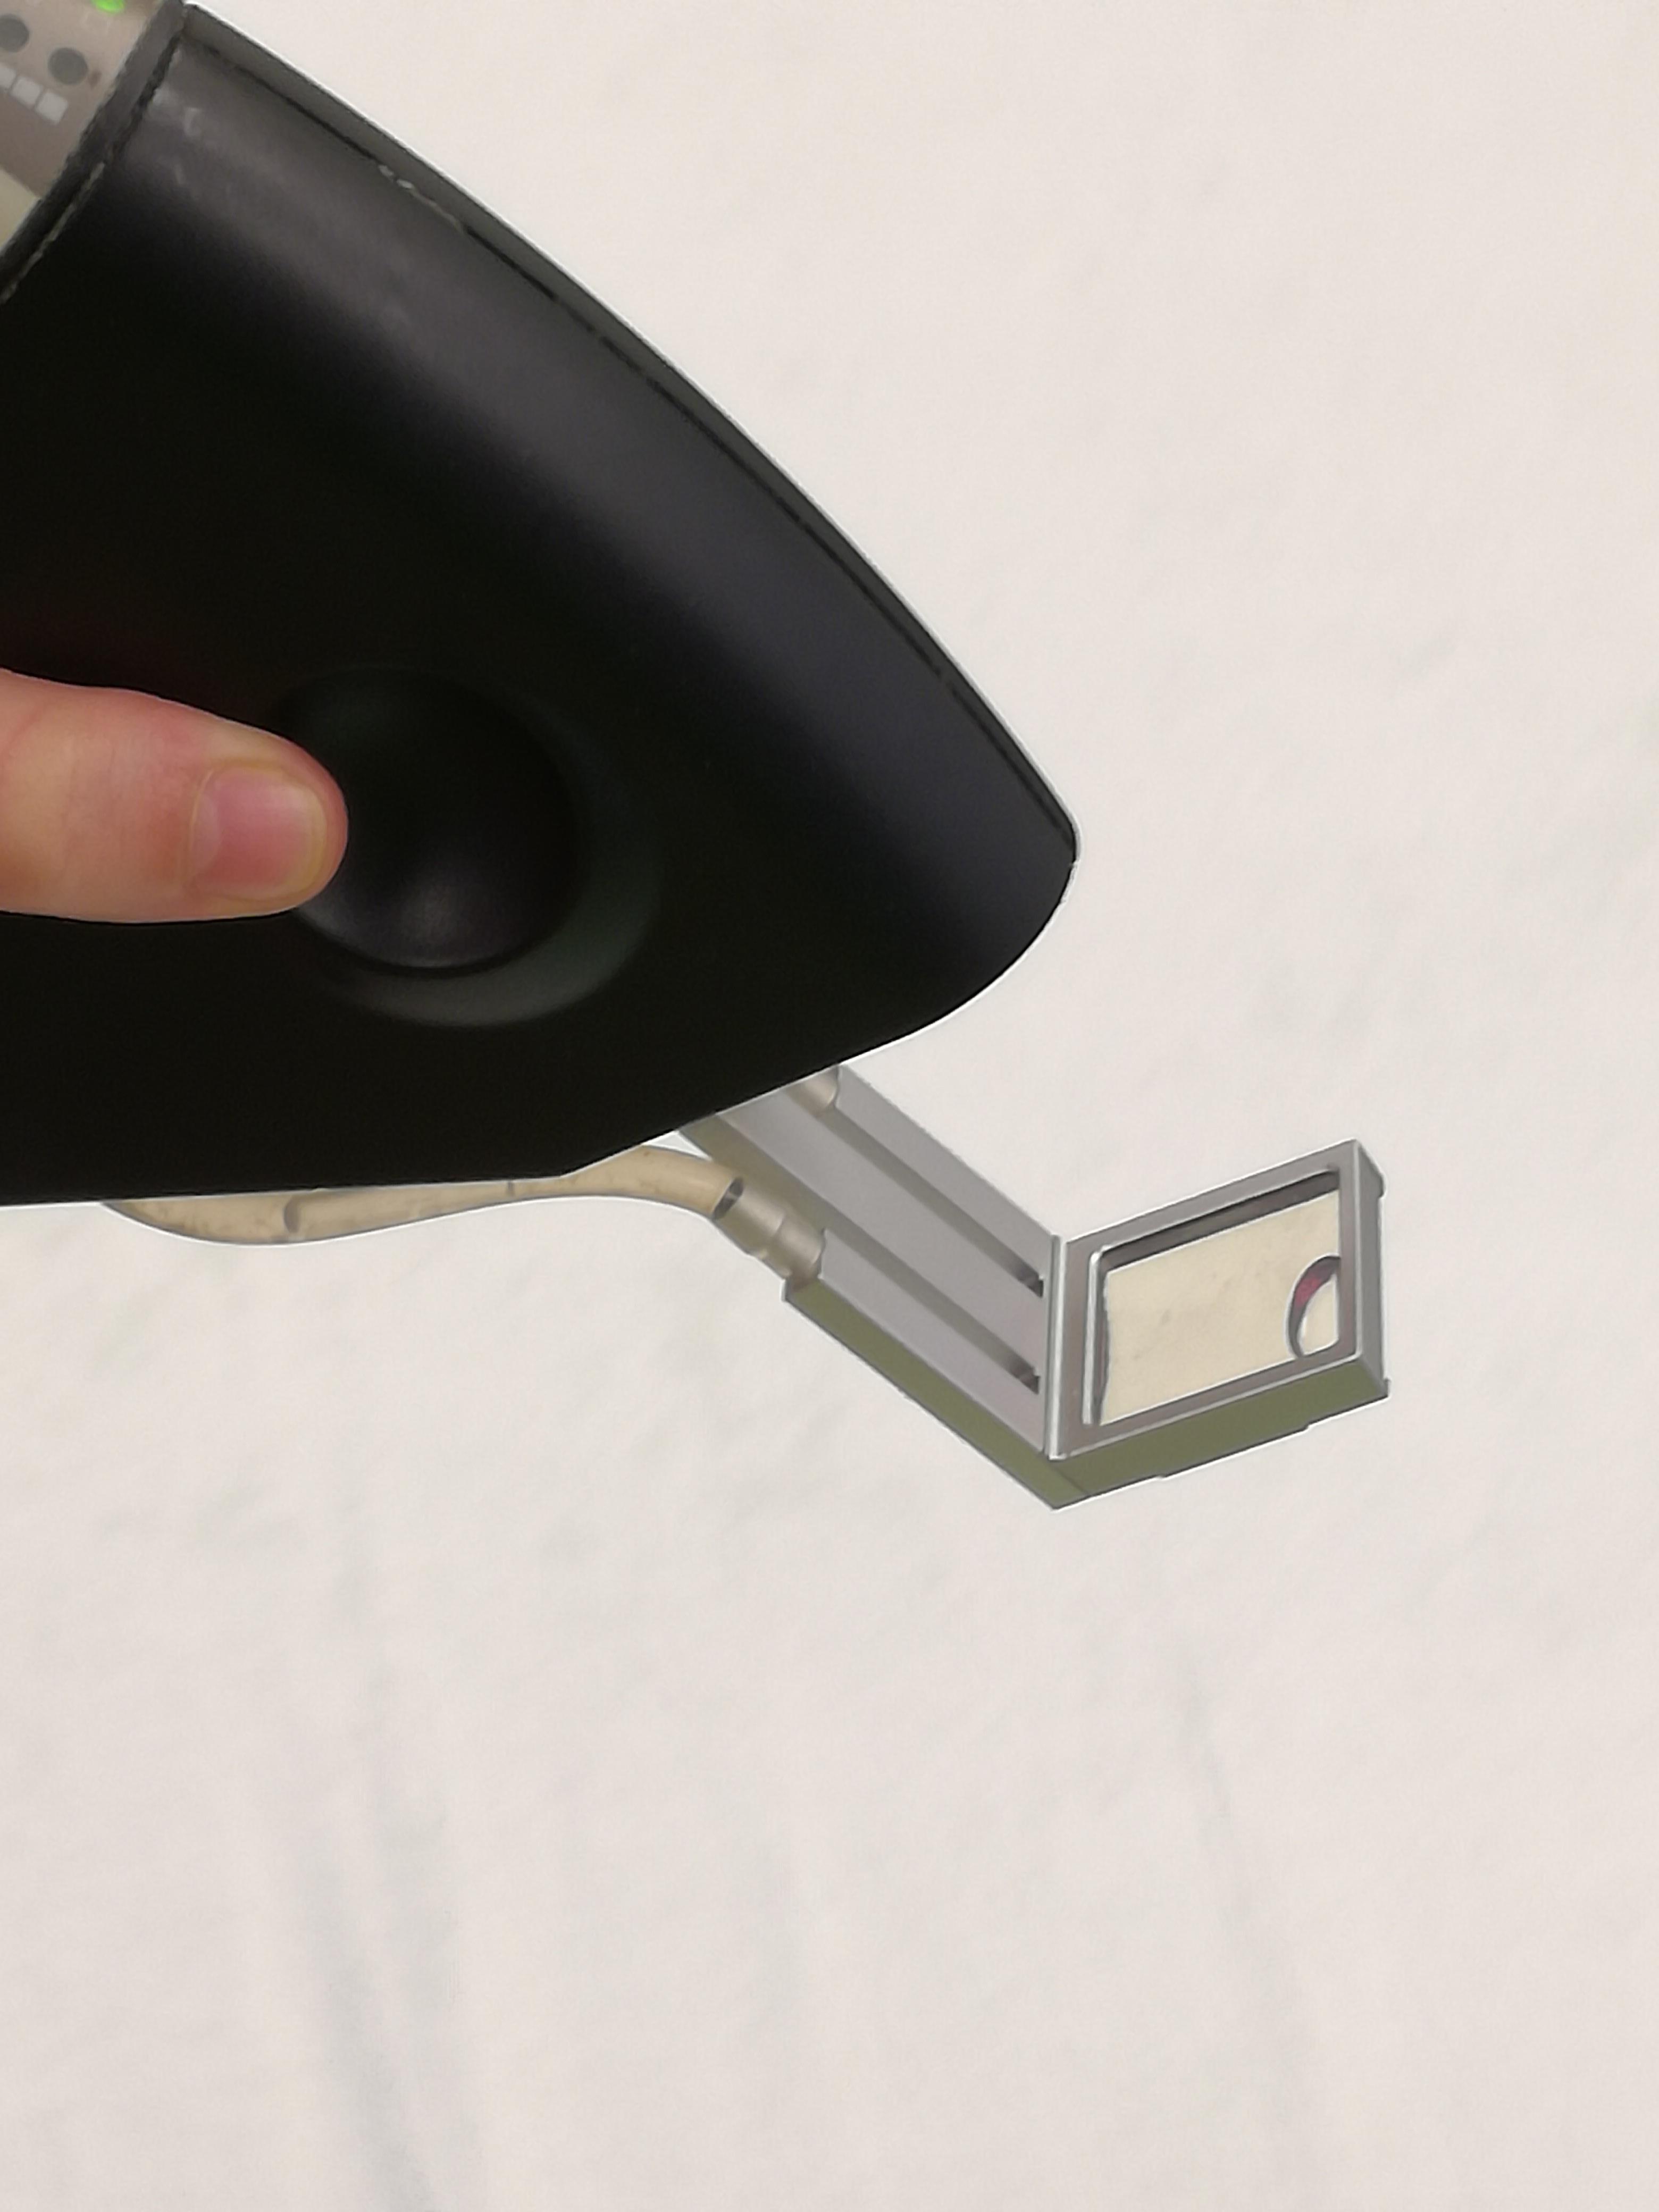 MedArt diode laser koelt de huid tijdens het behandelen tilburg PMC